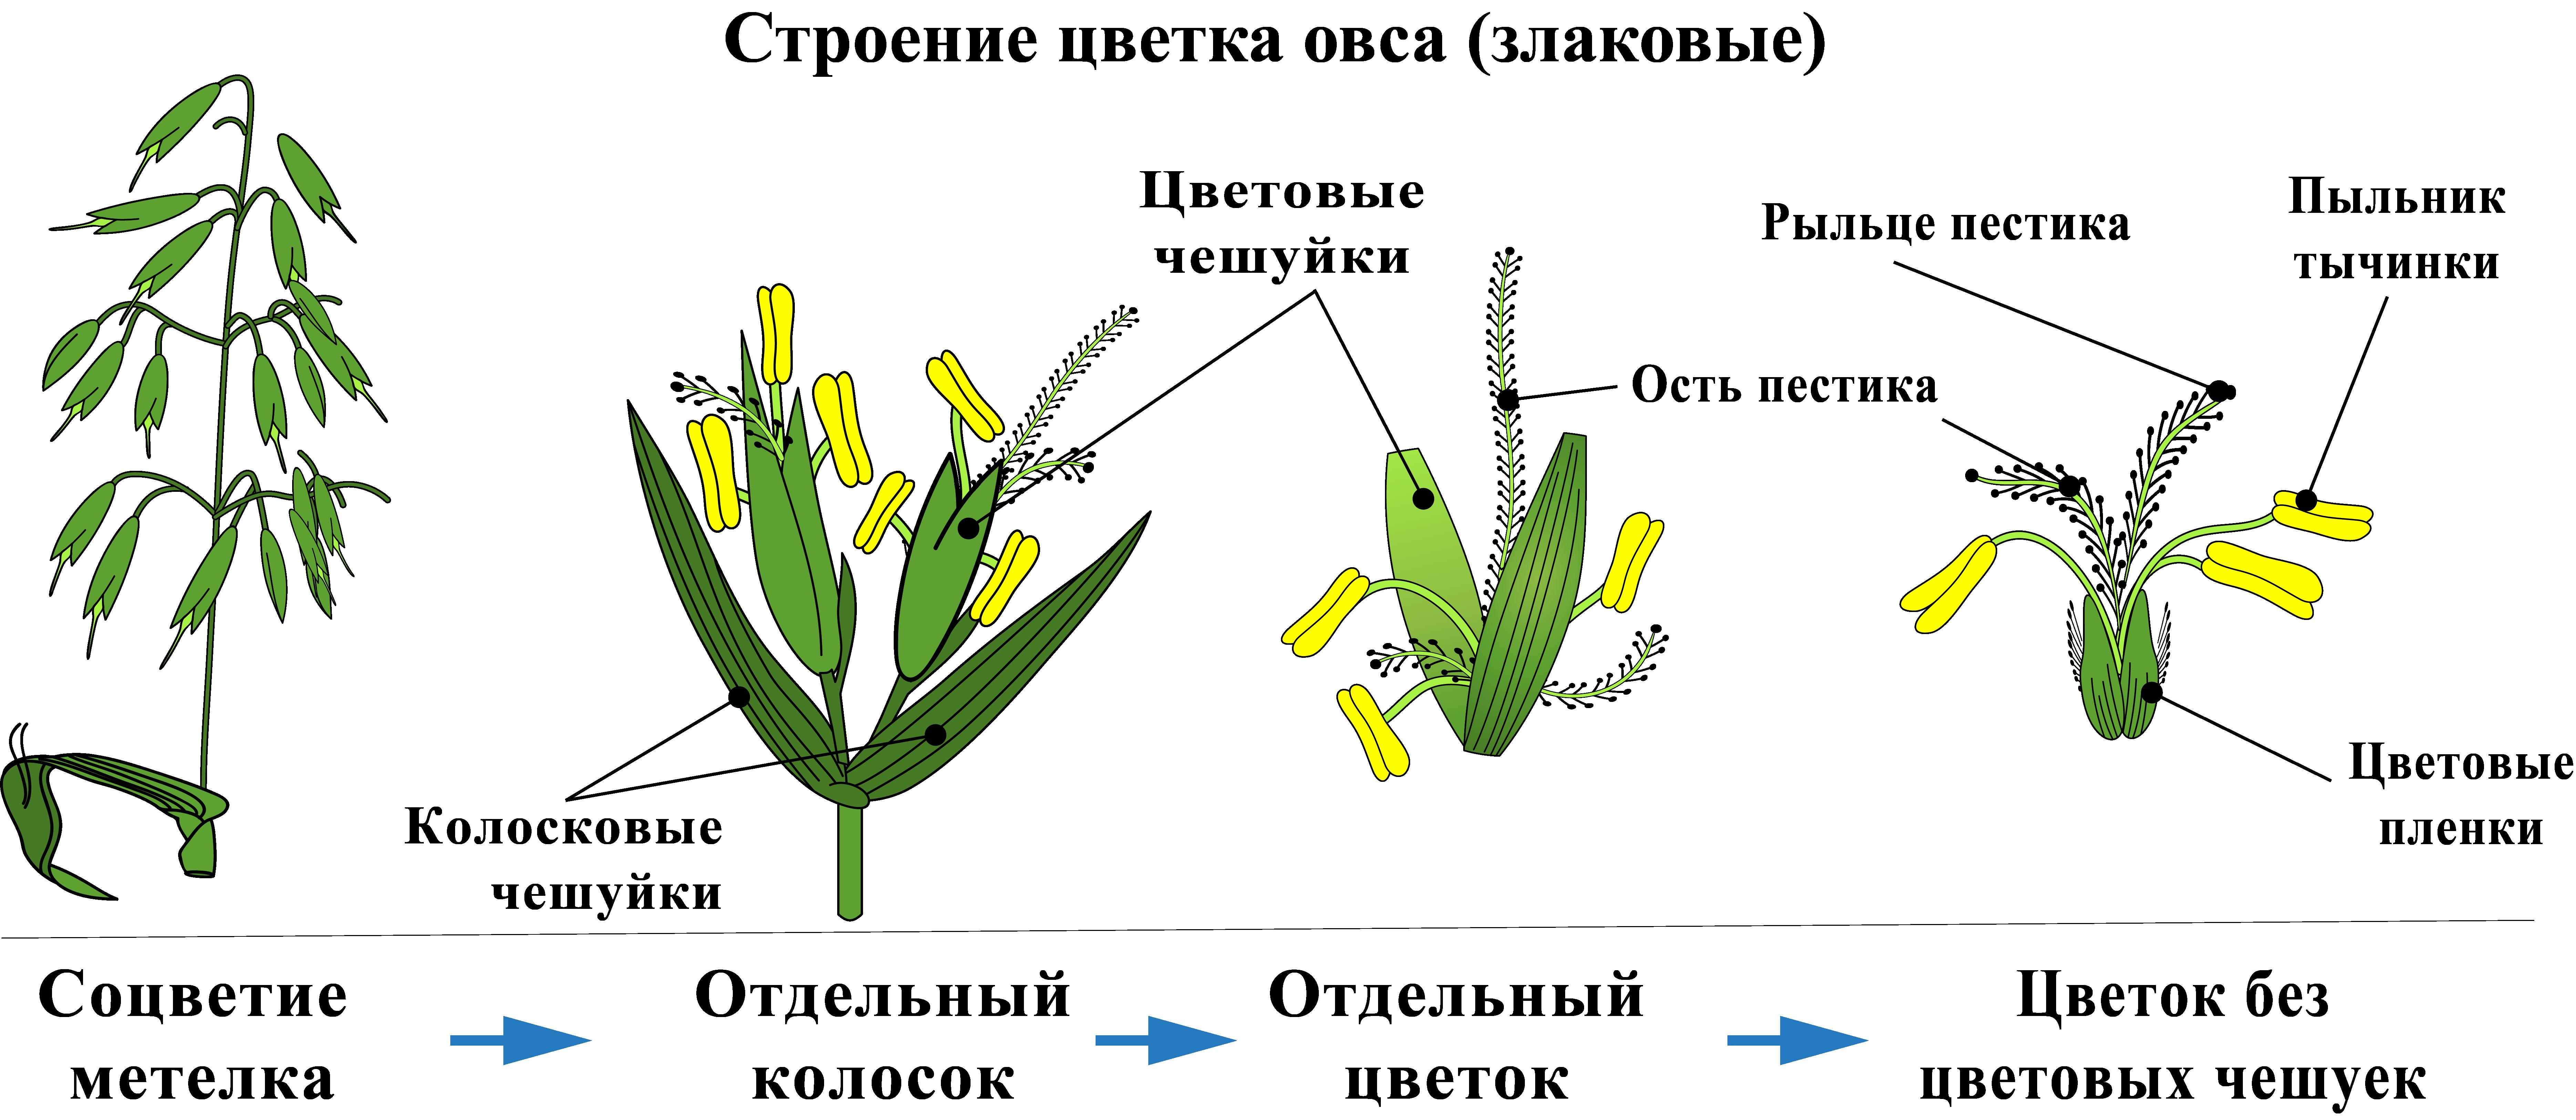 Строение цветка овса